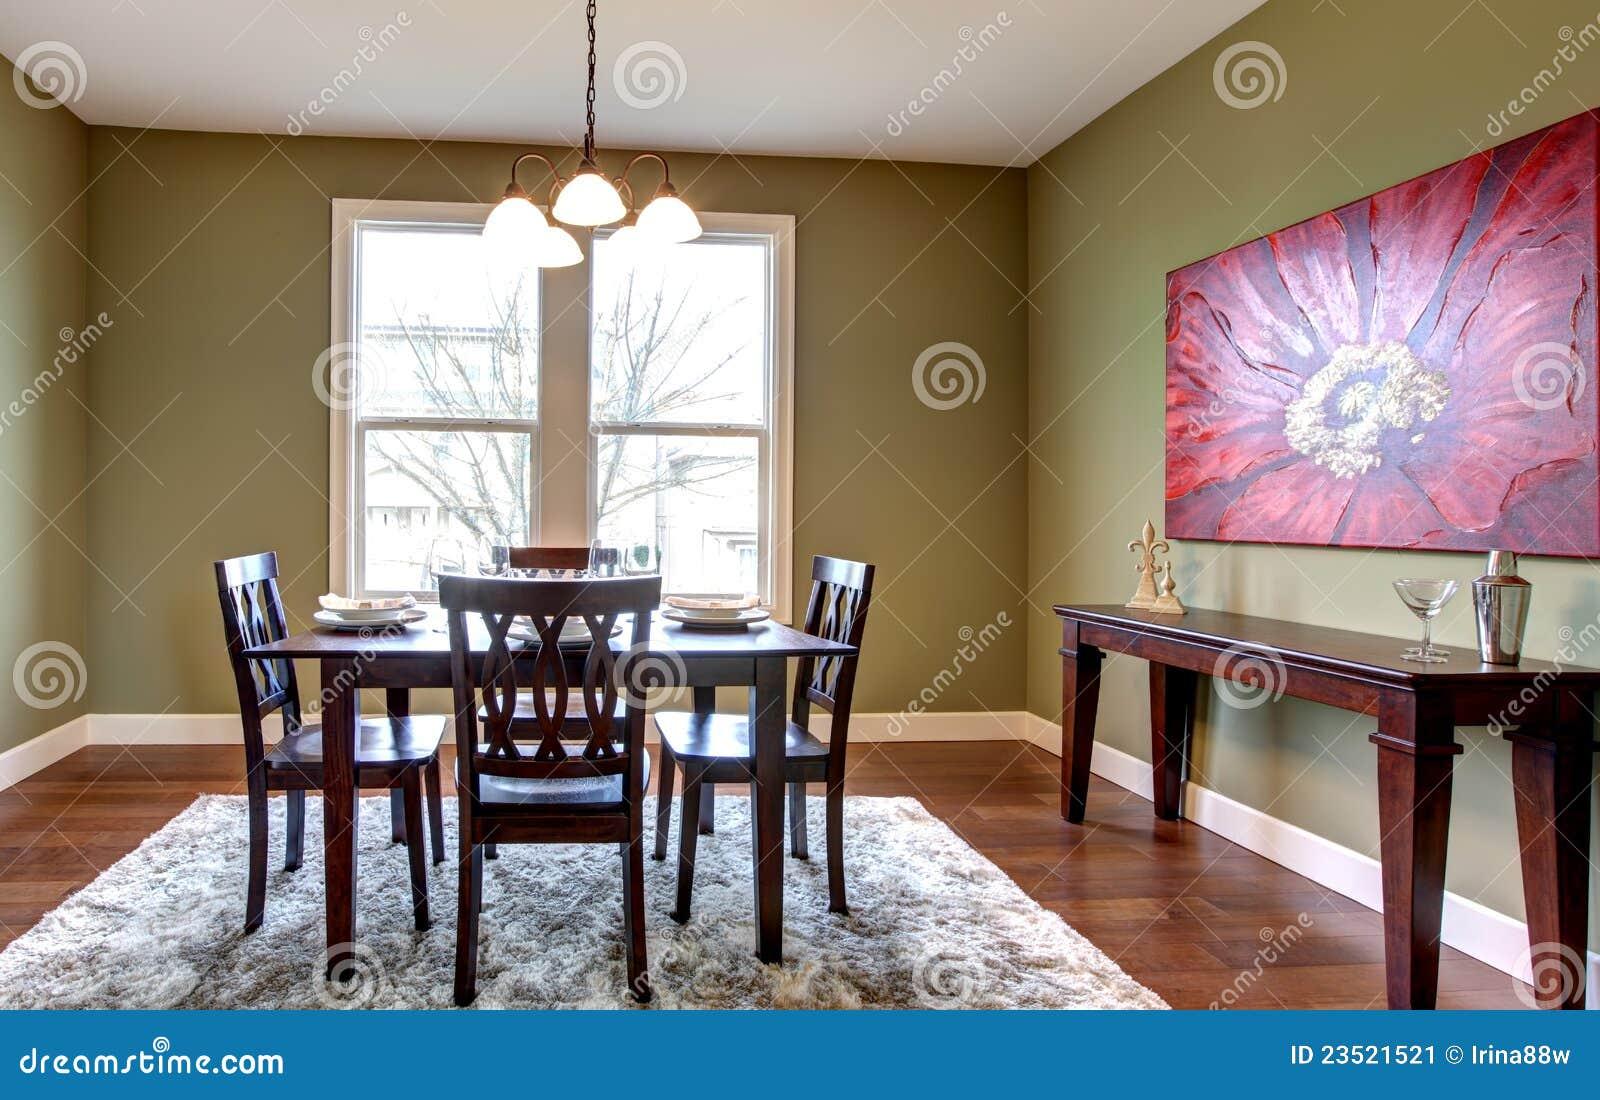 Sala De Jantar Com Paredes Verdes E Pintura Vermelha Imagem de Stock